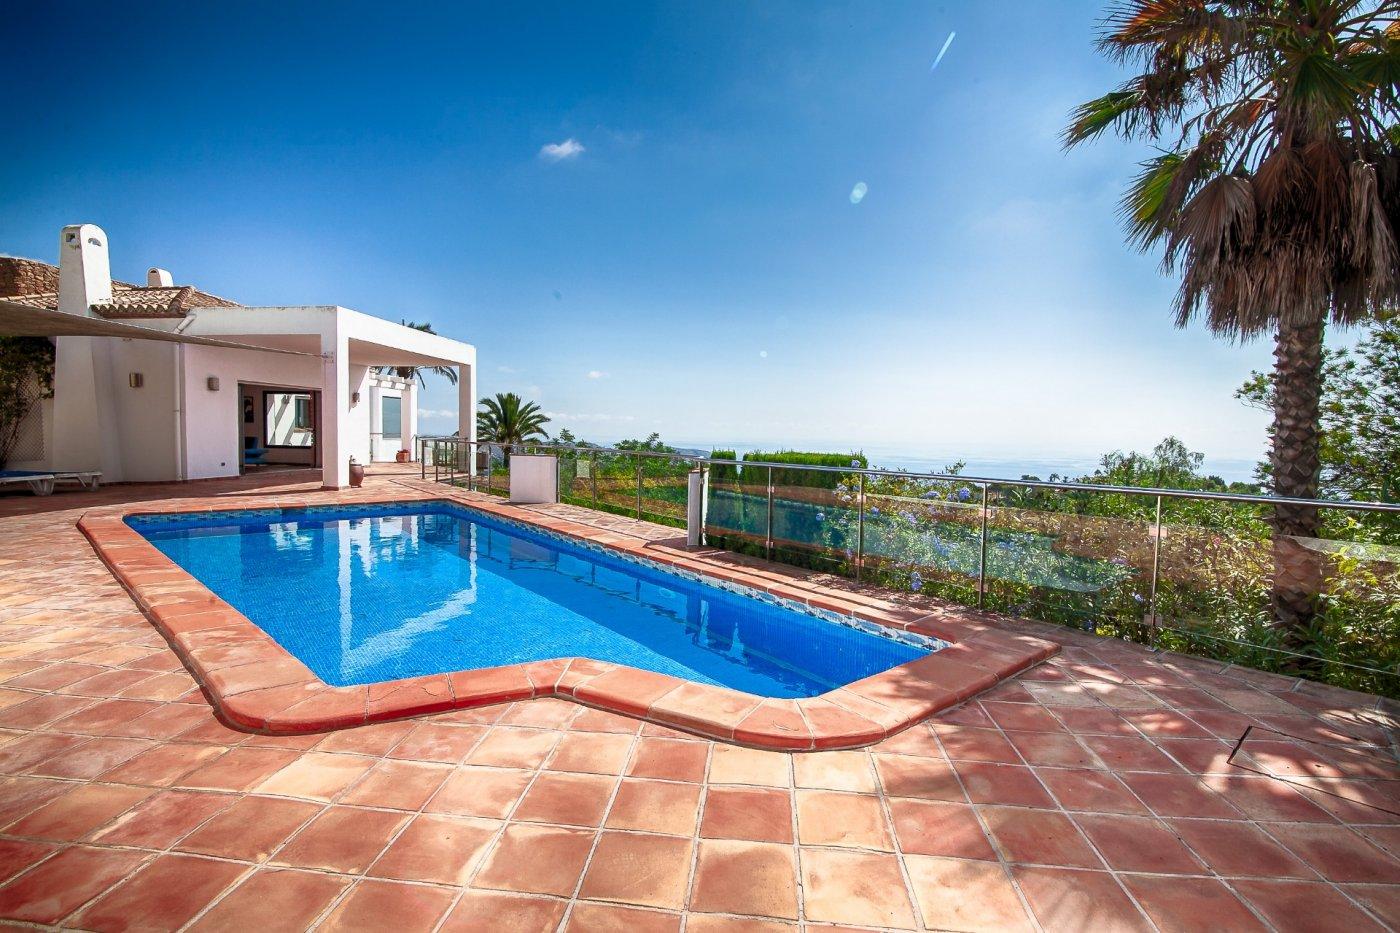 Villa - Ready To Move And Live - Coma De Los Frailes - Moraira